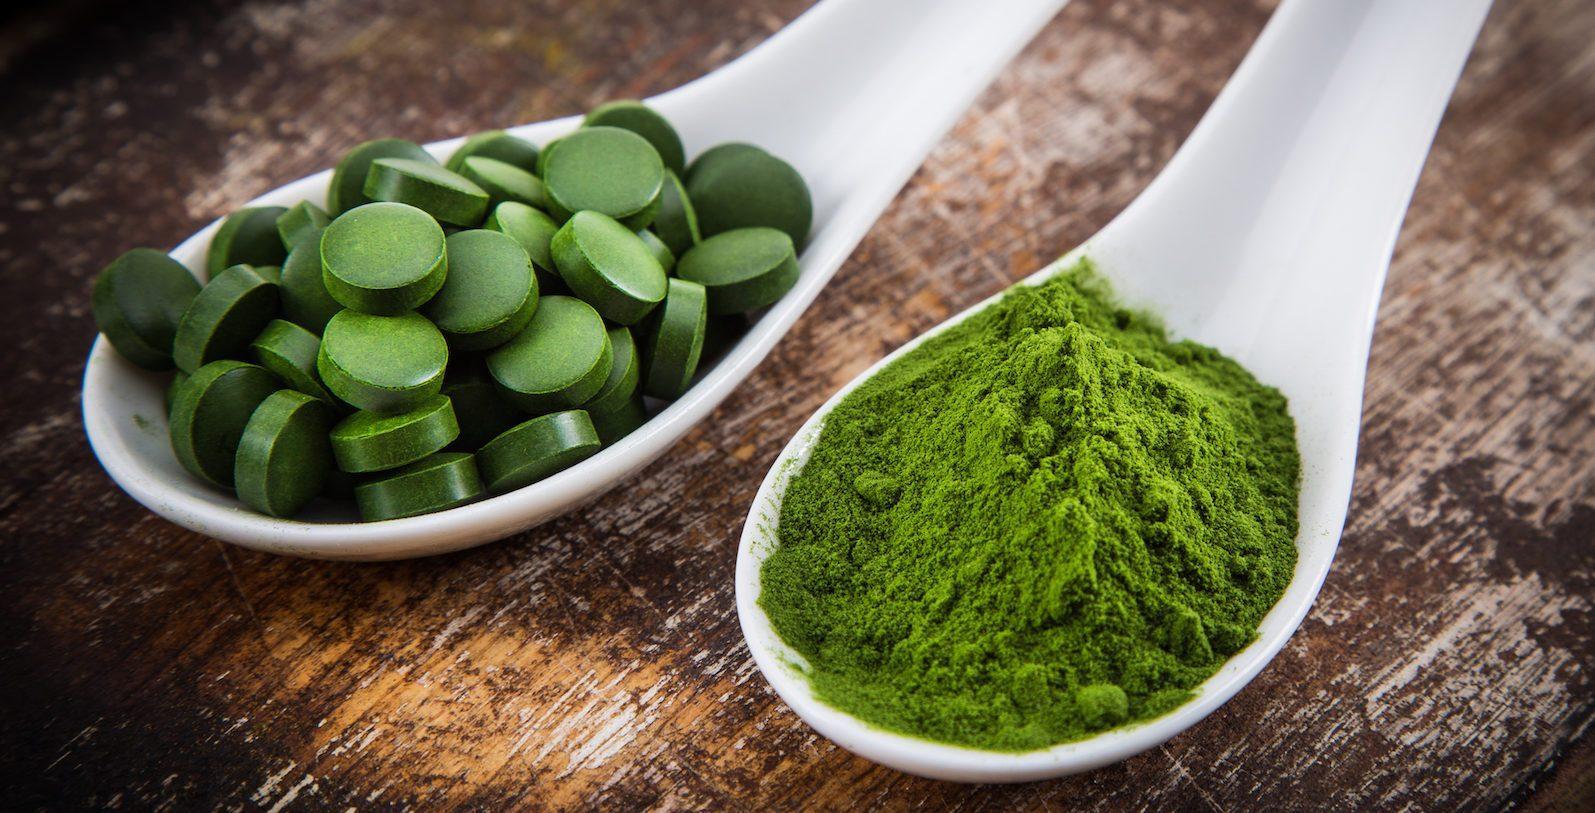 """Bí quyết tăng cân tự nhiên, an toàn từ """"siêu thực phẩm xanh""""  - Ảnh 2"""